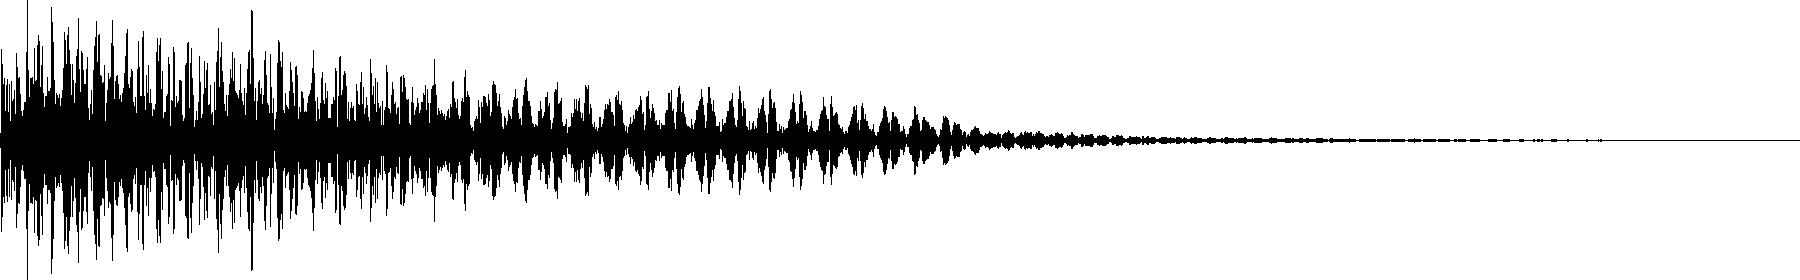 veh2 synths   002 c